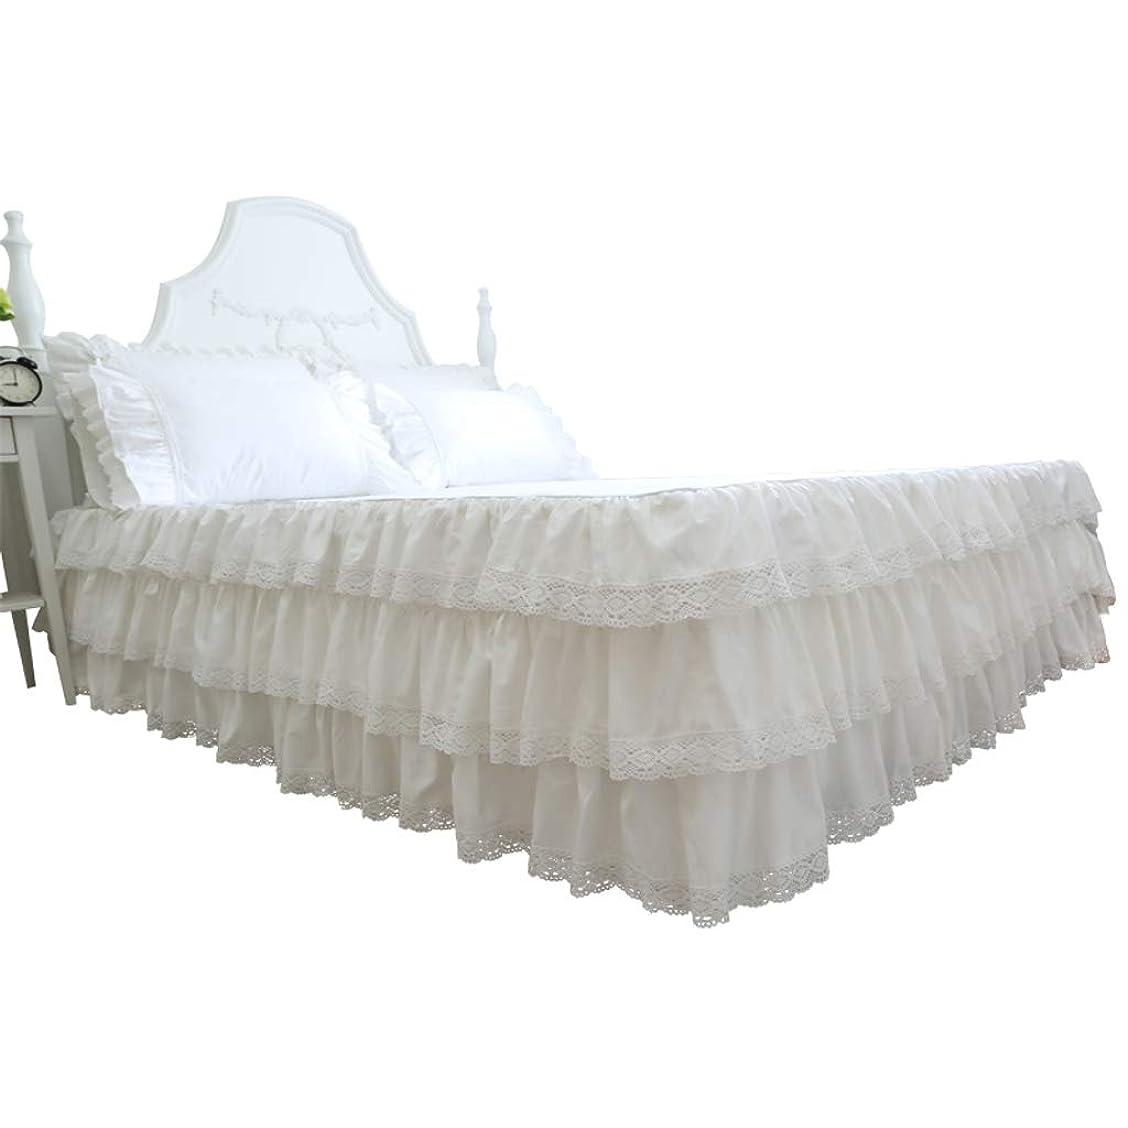 行方不明ディレクトリ誠実さ贅沢 白 レース ベッドスカート,サテン プリンセス 綿 防塵スカートスカート フリル ラップアラウンドスタイル 無地 王の女王 サギング-白-120×200センチメートル(47×79インチ)